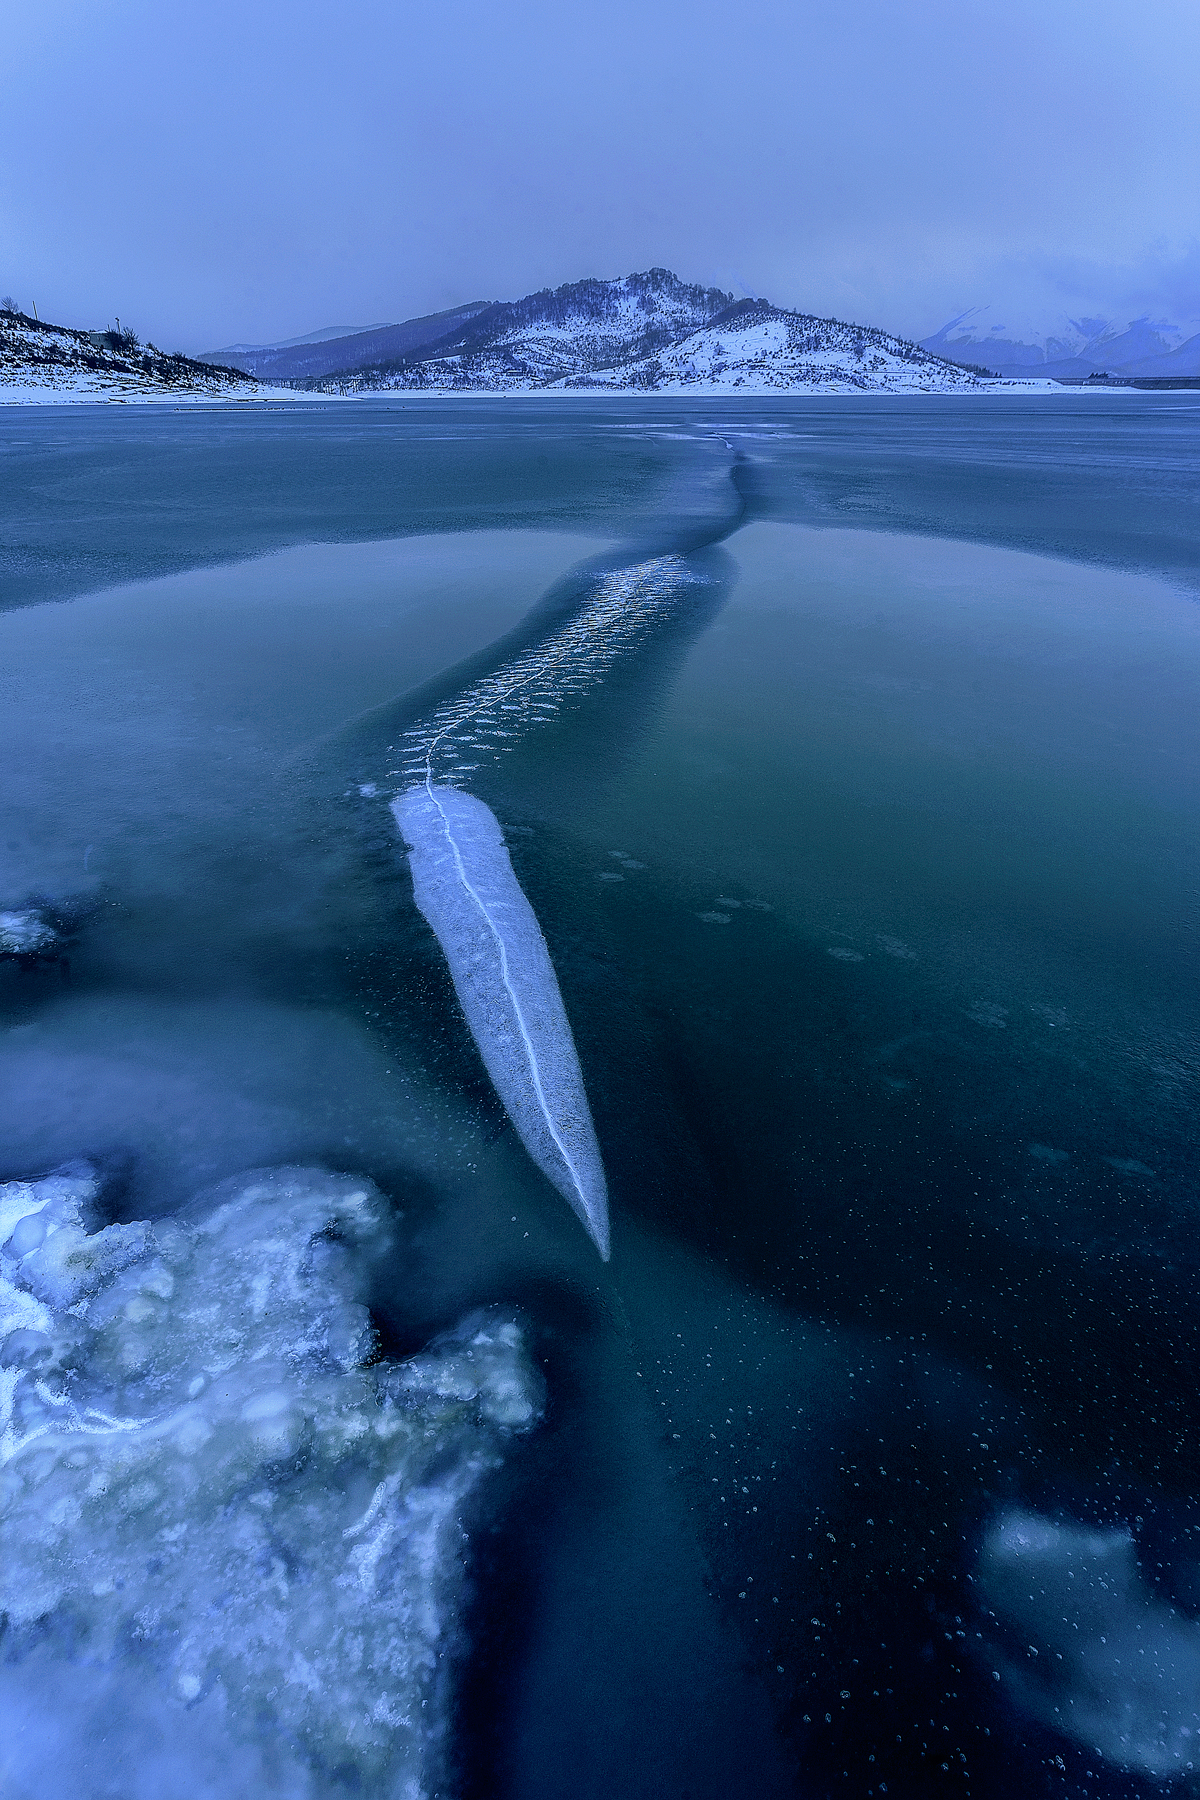 La spada nel ghiaccio...